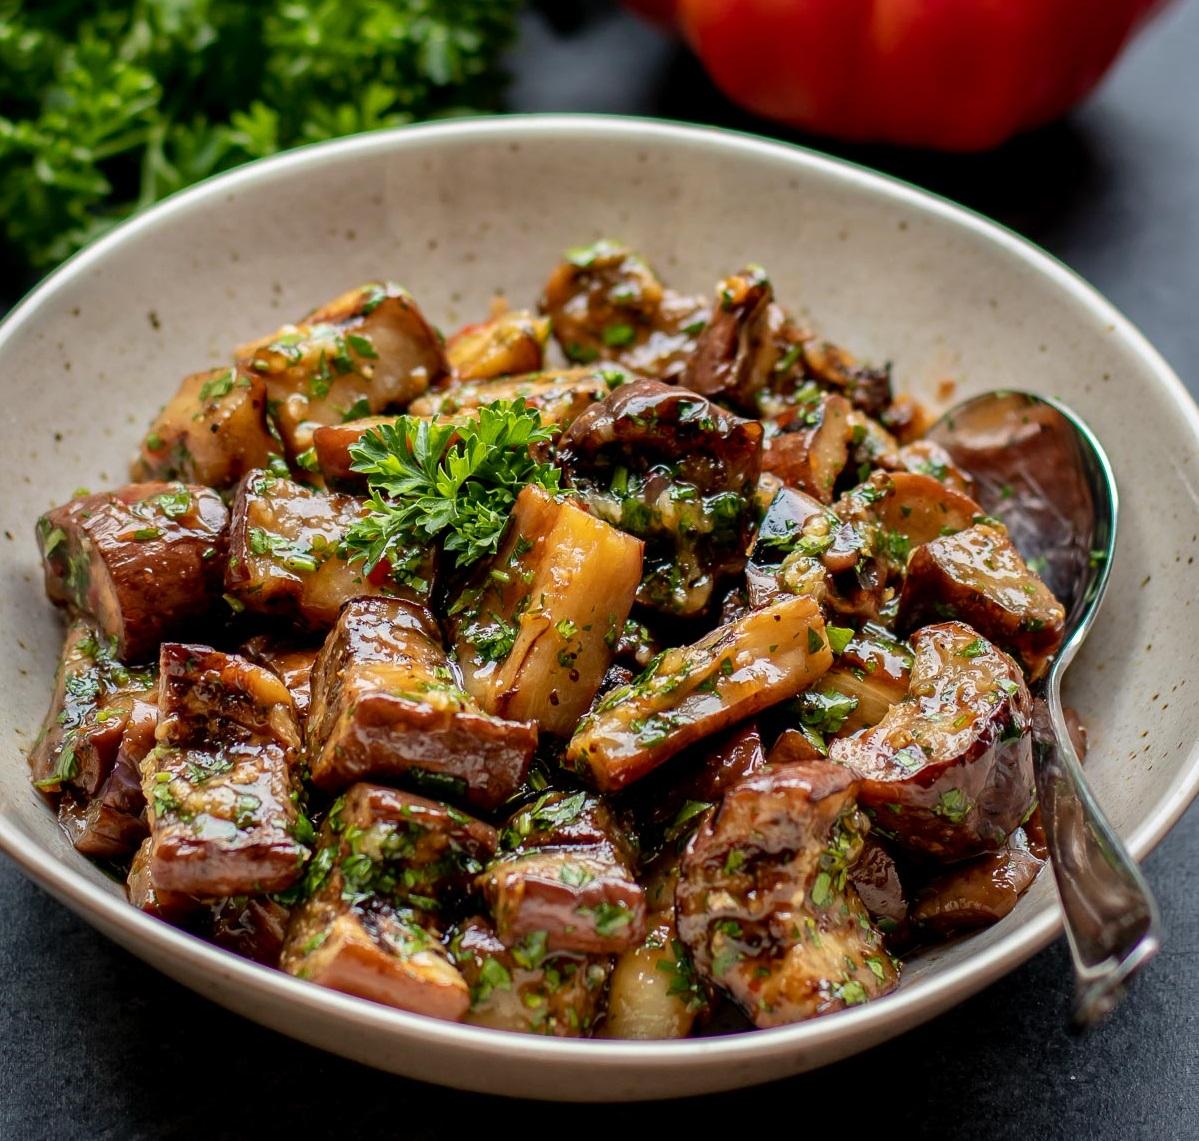 Chili eggplant